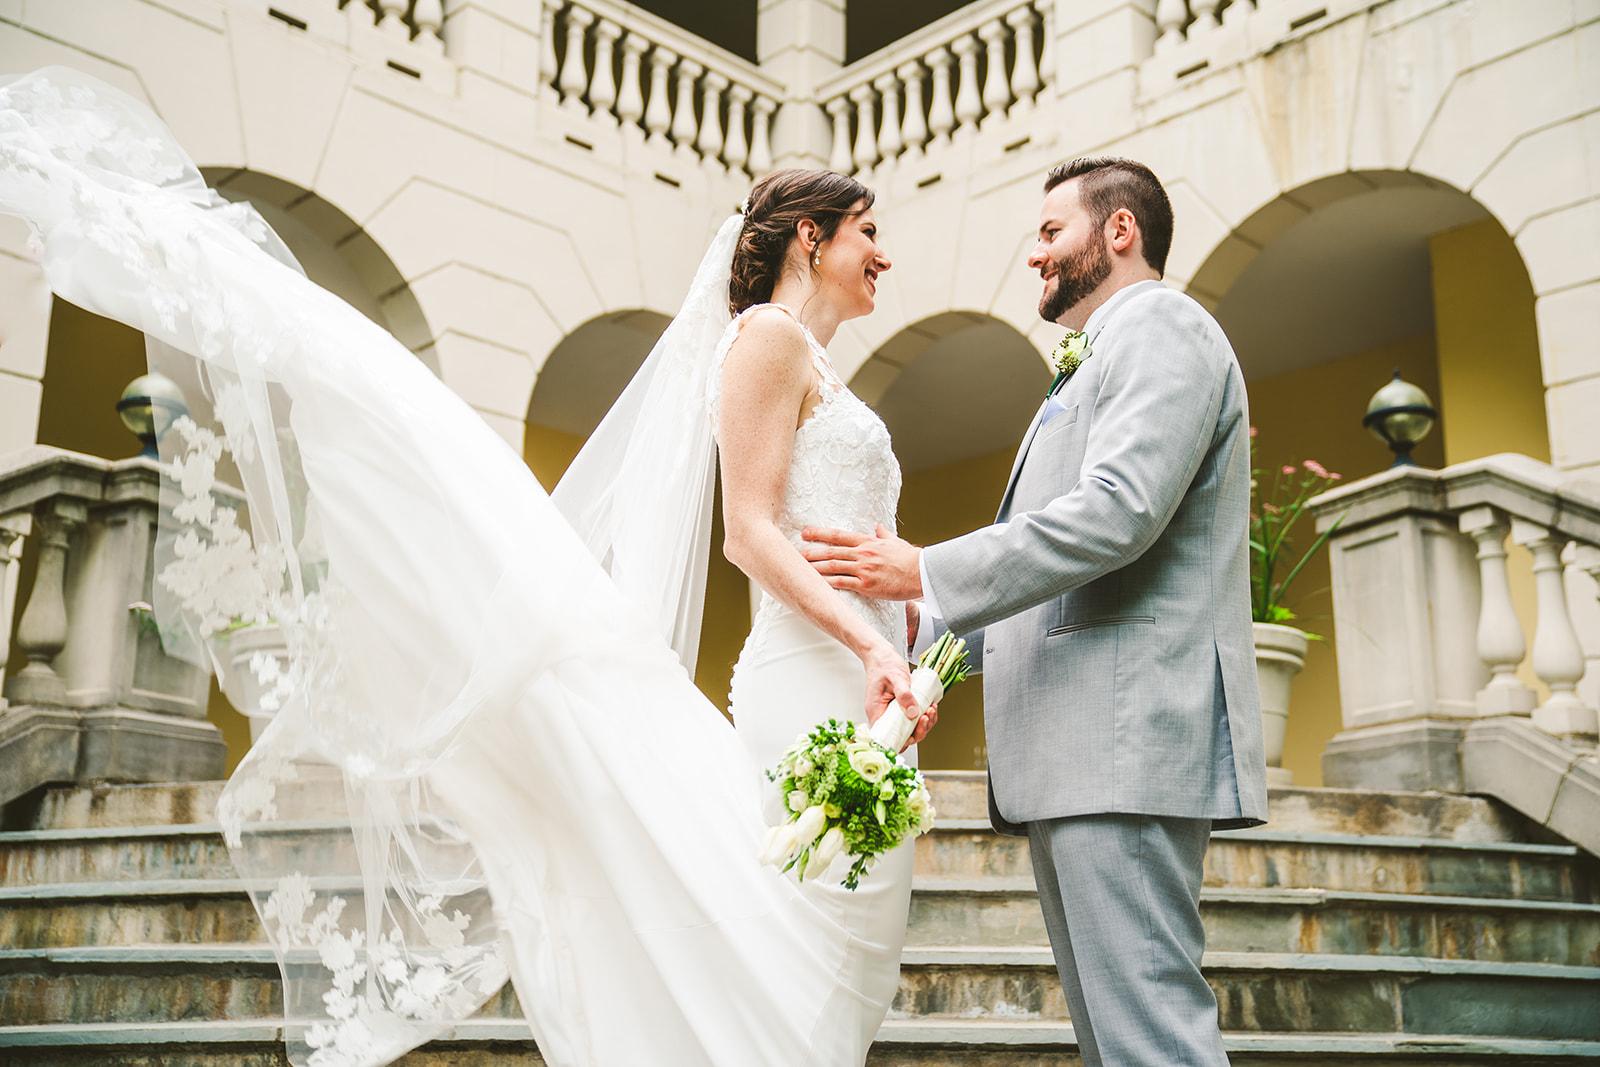 06-02-18-Danielle-Josh-WEDDING-Airlie-VA-1258.jpg